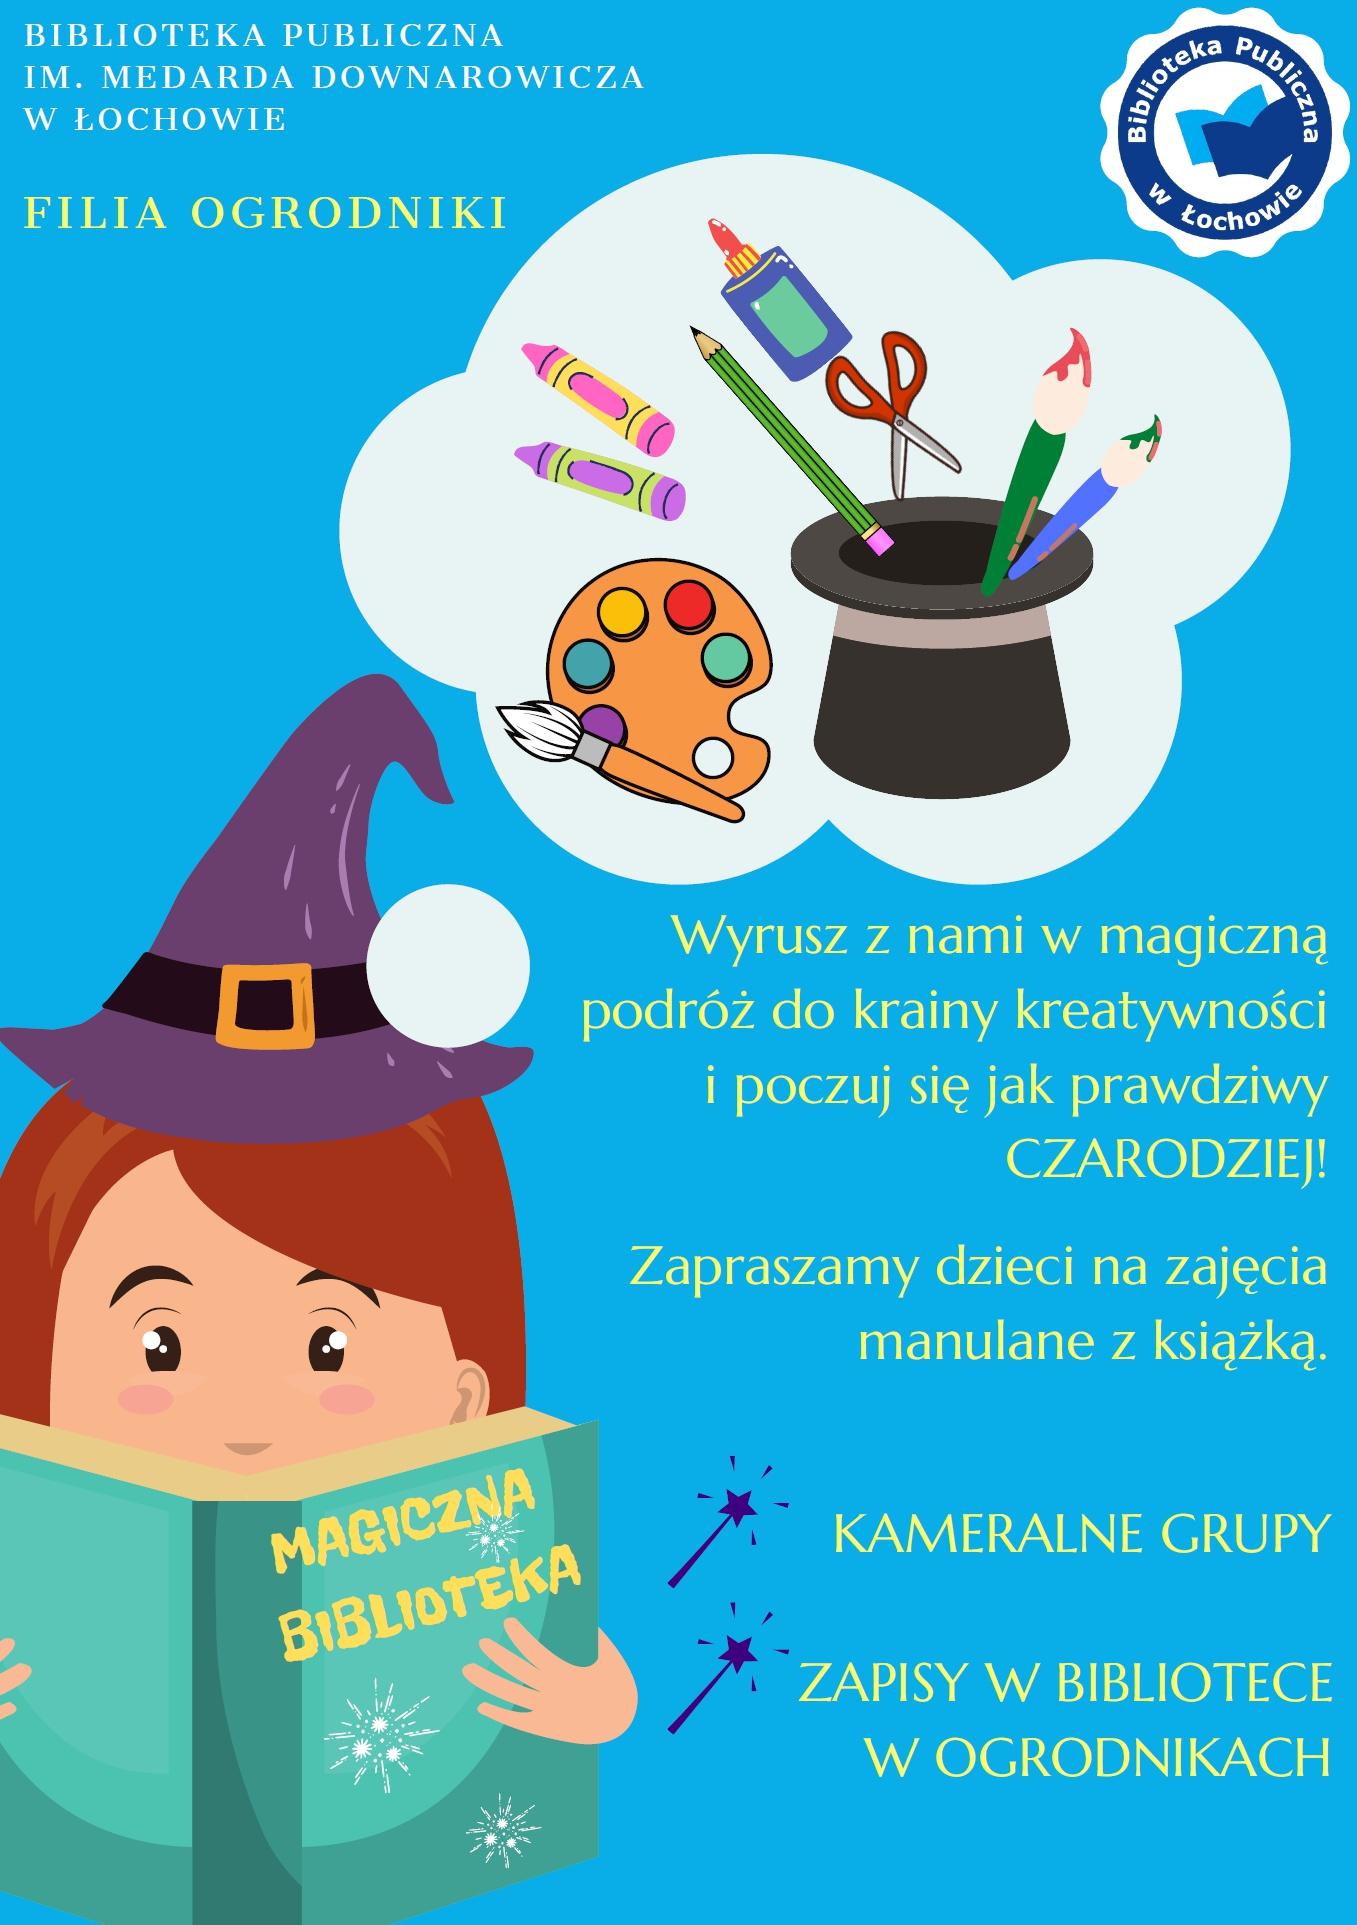 Klub Przyjaciół Biblioteki w Ogrodnikach